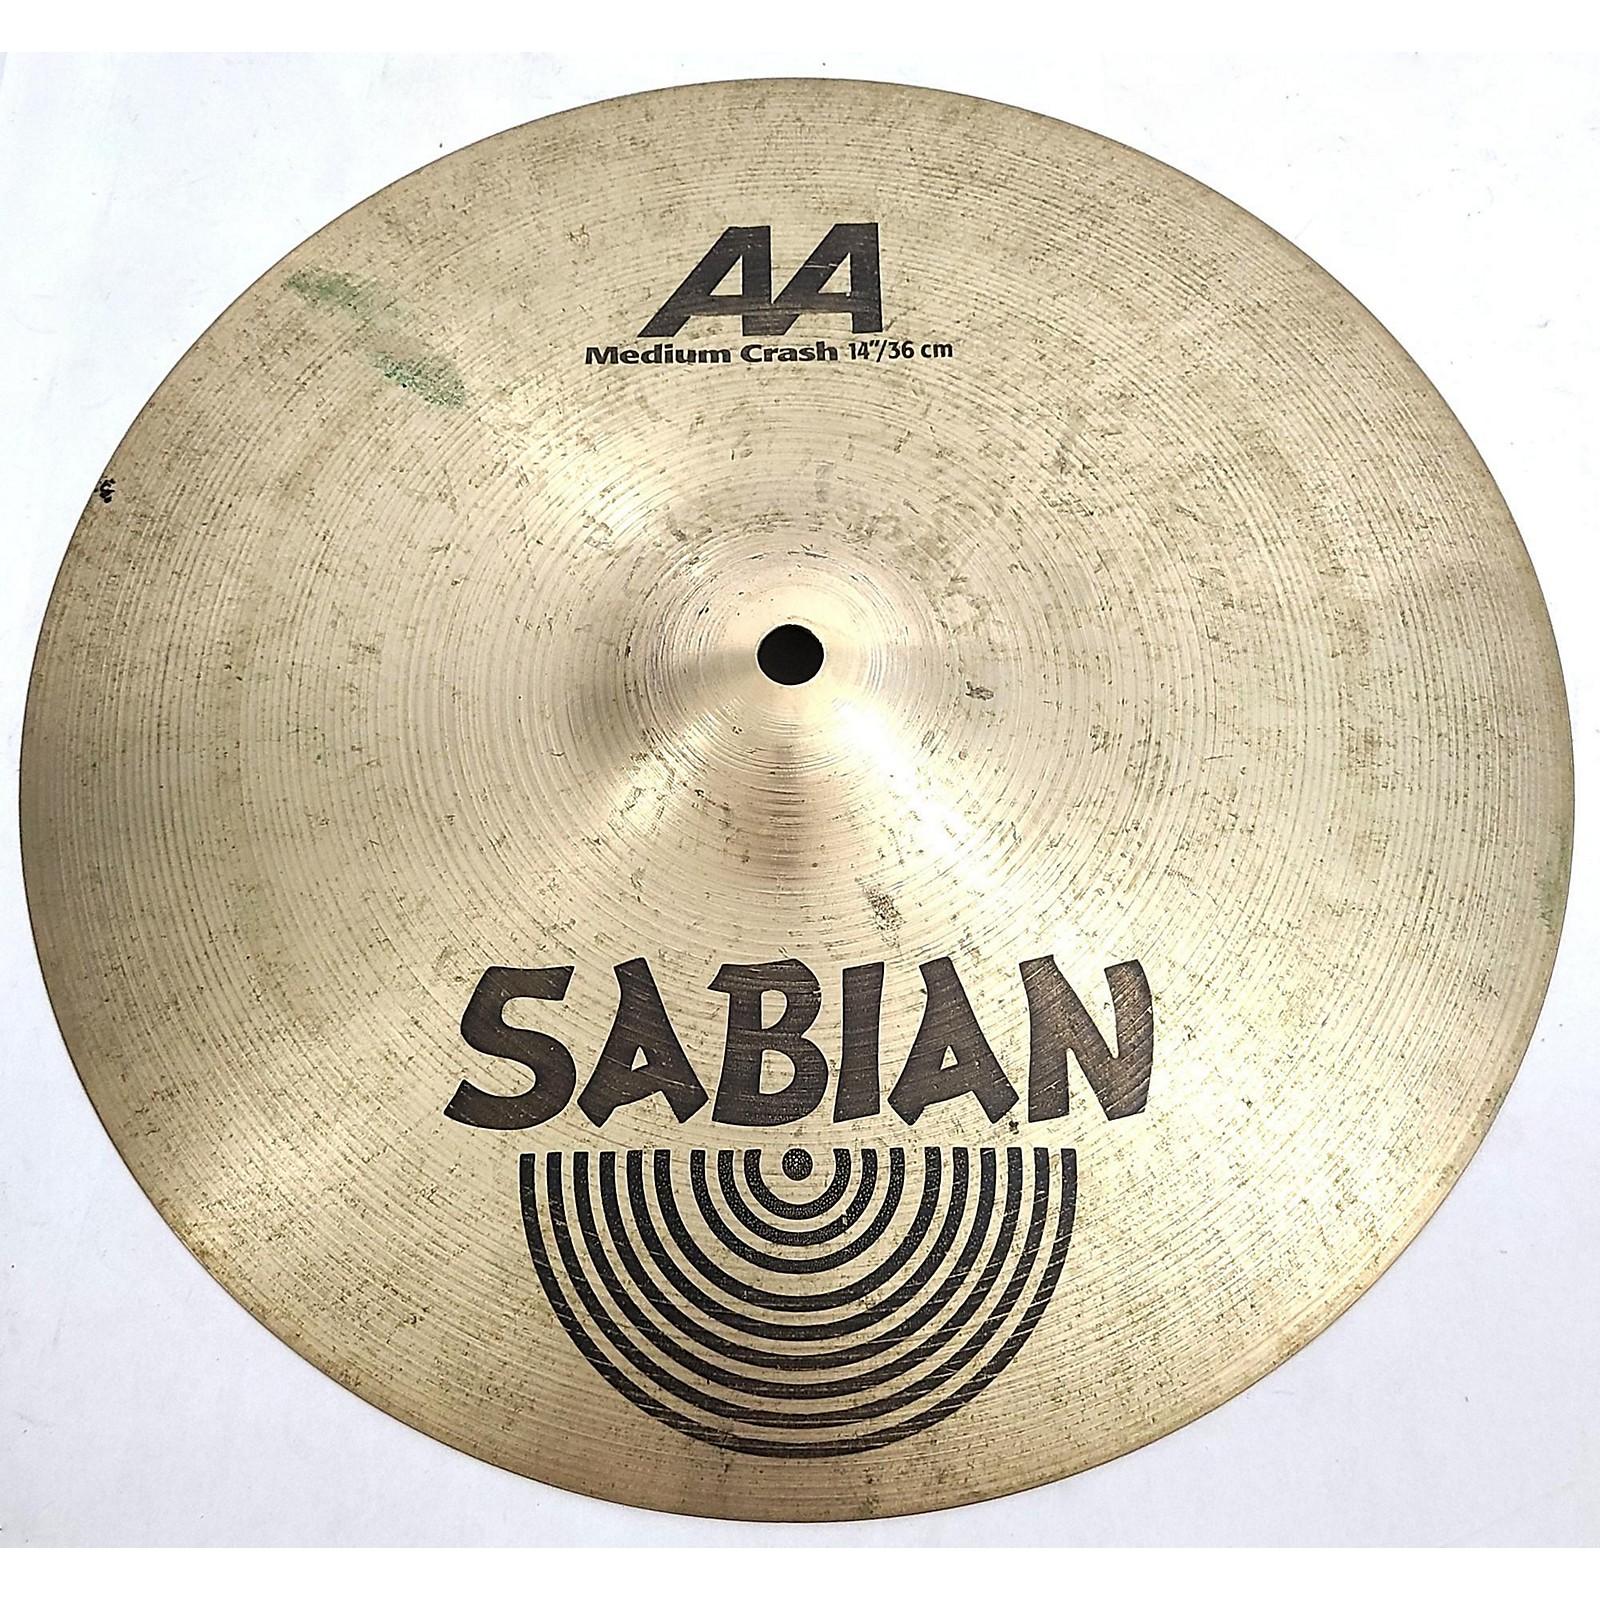 Sabian 14in AA Medium Crash Cymbal